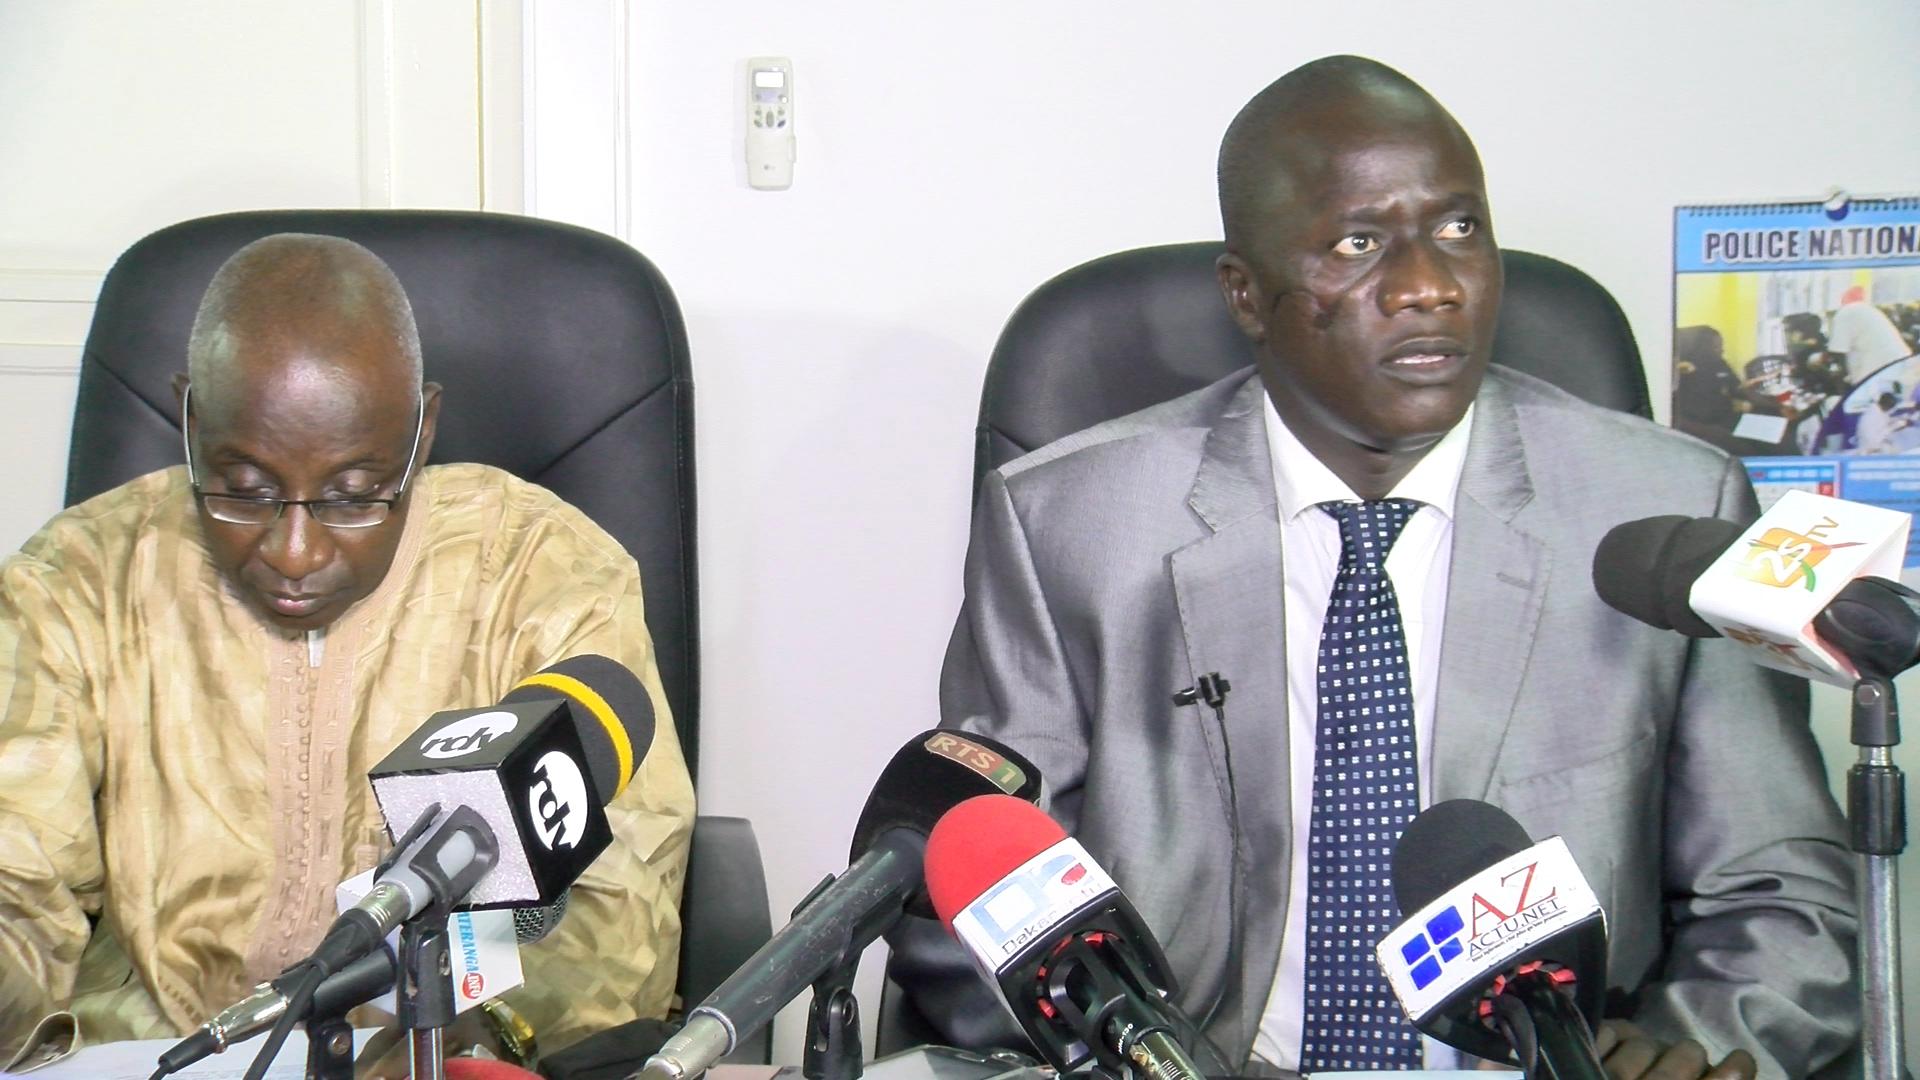 Trafic de sénégalais vers les pays arabes : La Dic interpelle 8 personnes